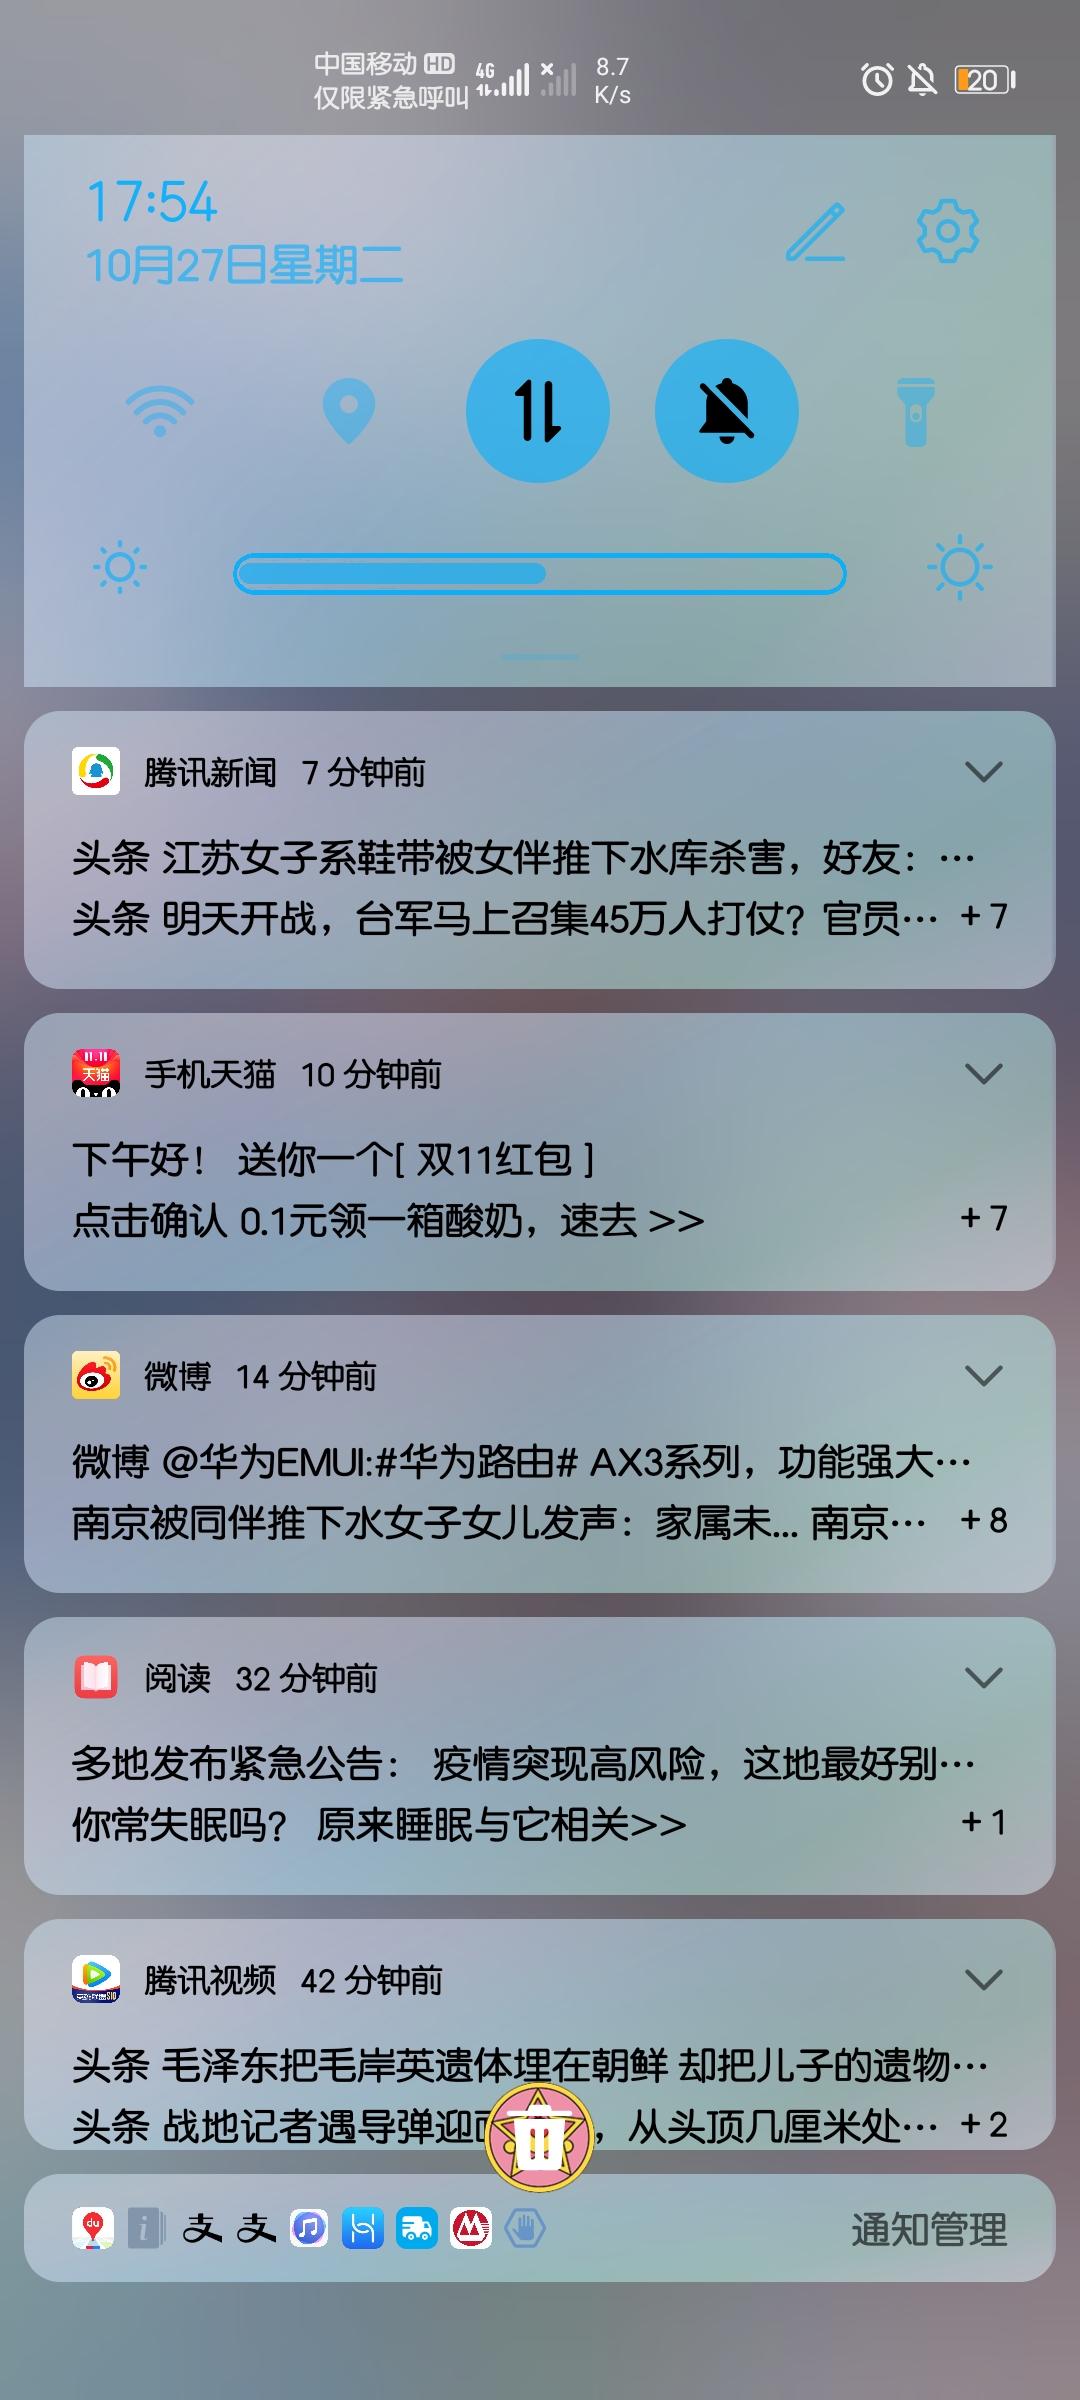 Screenshot_20201027_175403_com.huawei.android.launcher.jpg